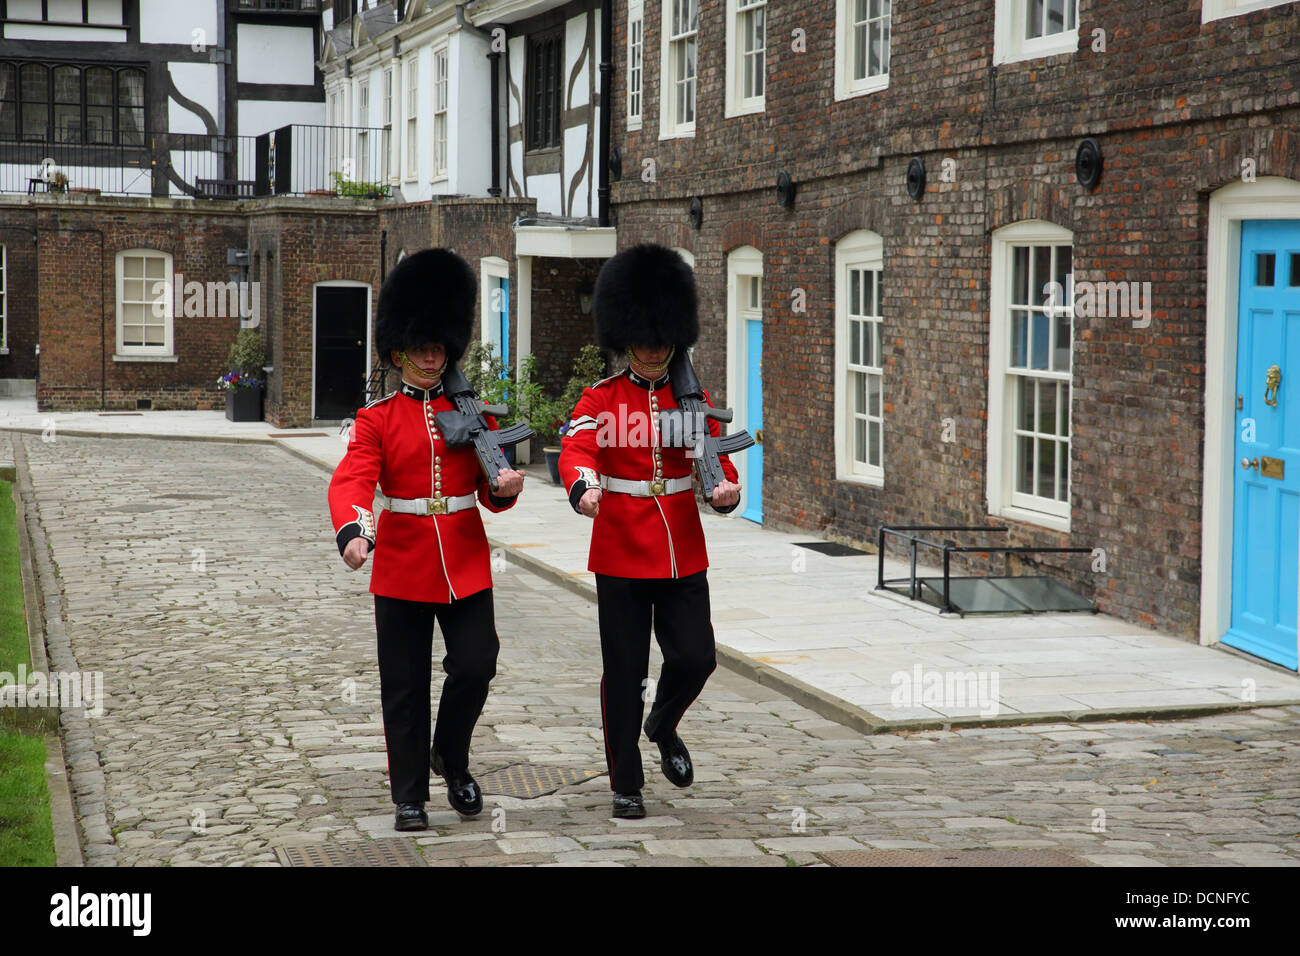 Le due guardie della torre di Londra - Inghilterra Immagini Stock